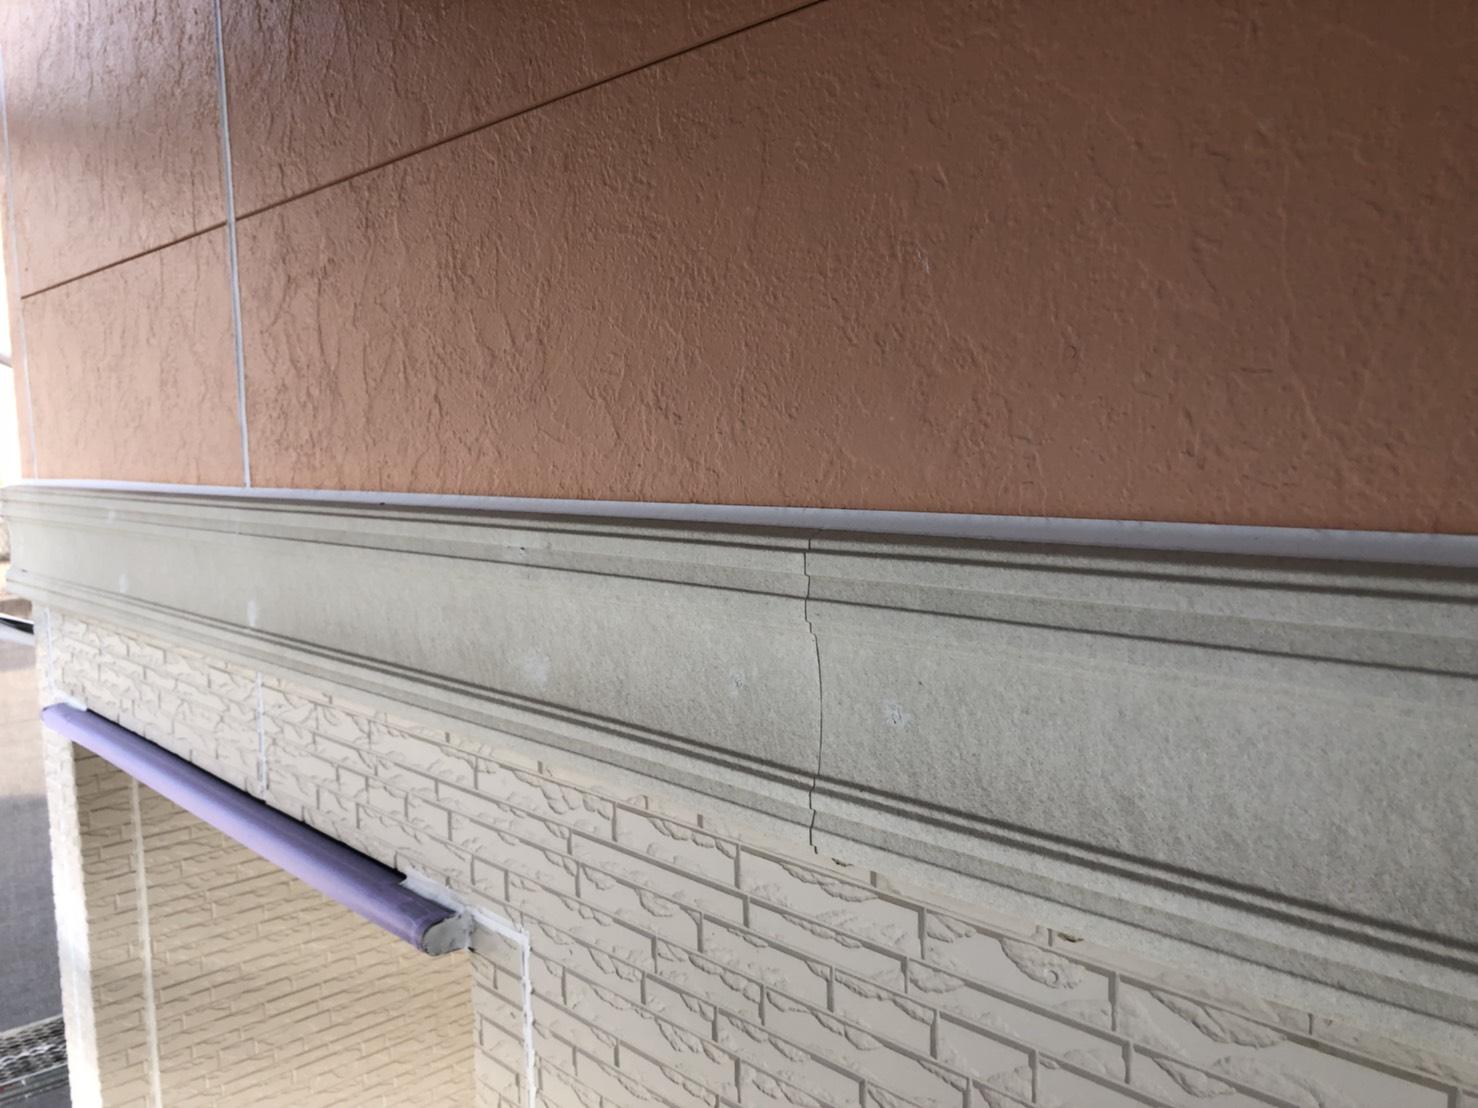 外壁の胴差モール